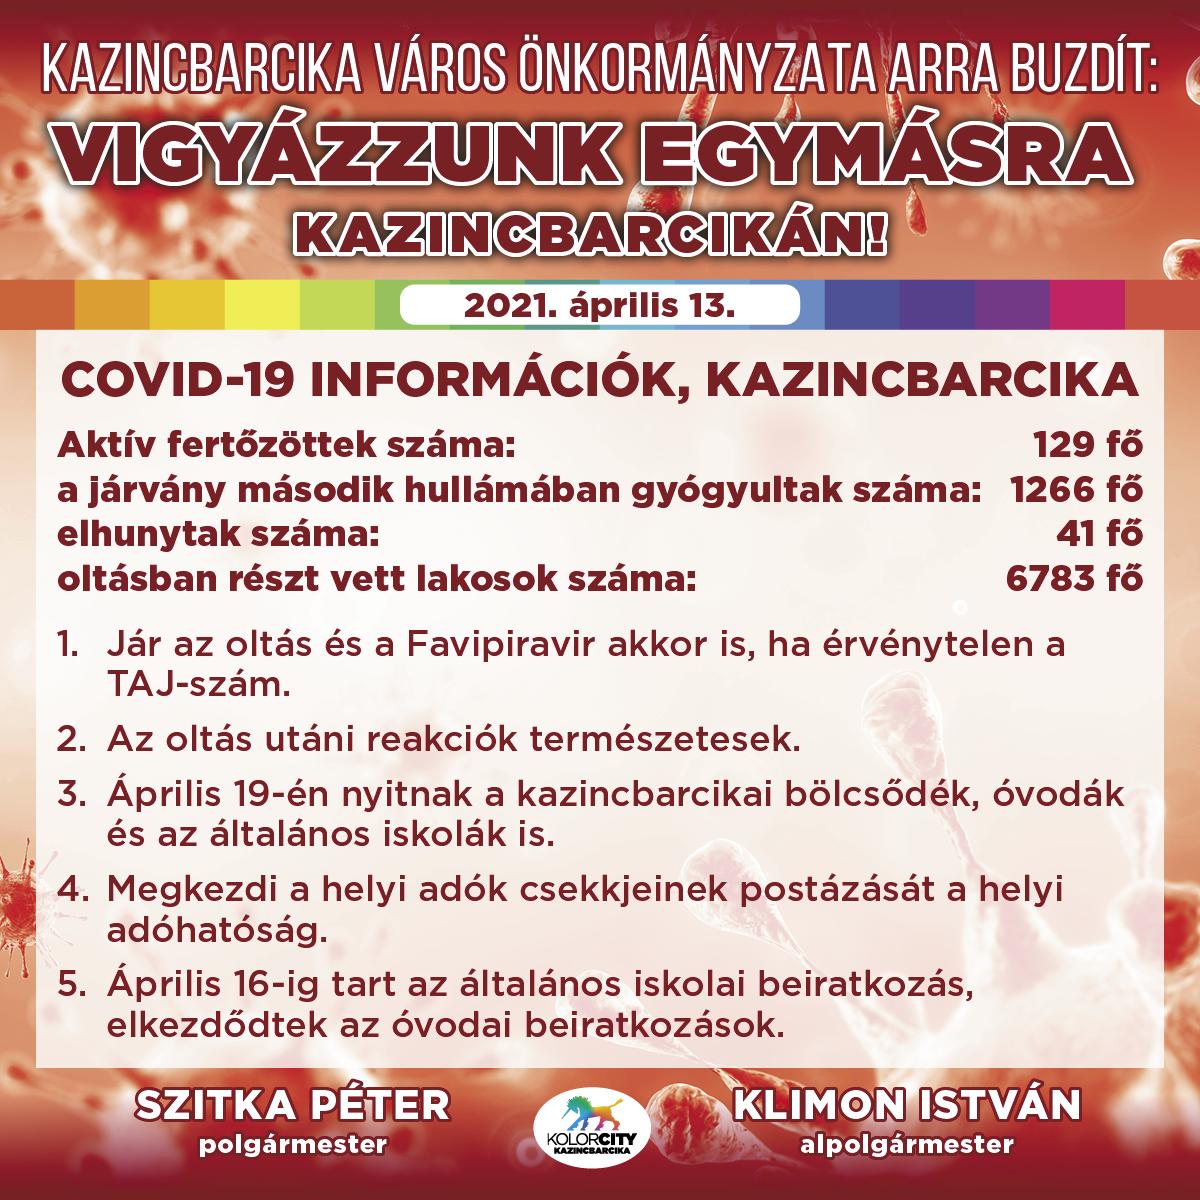 https://kolorline.hu/Vigyázzunk egymásra Kazincbarcikán! – 2021. április 13.